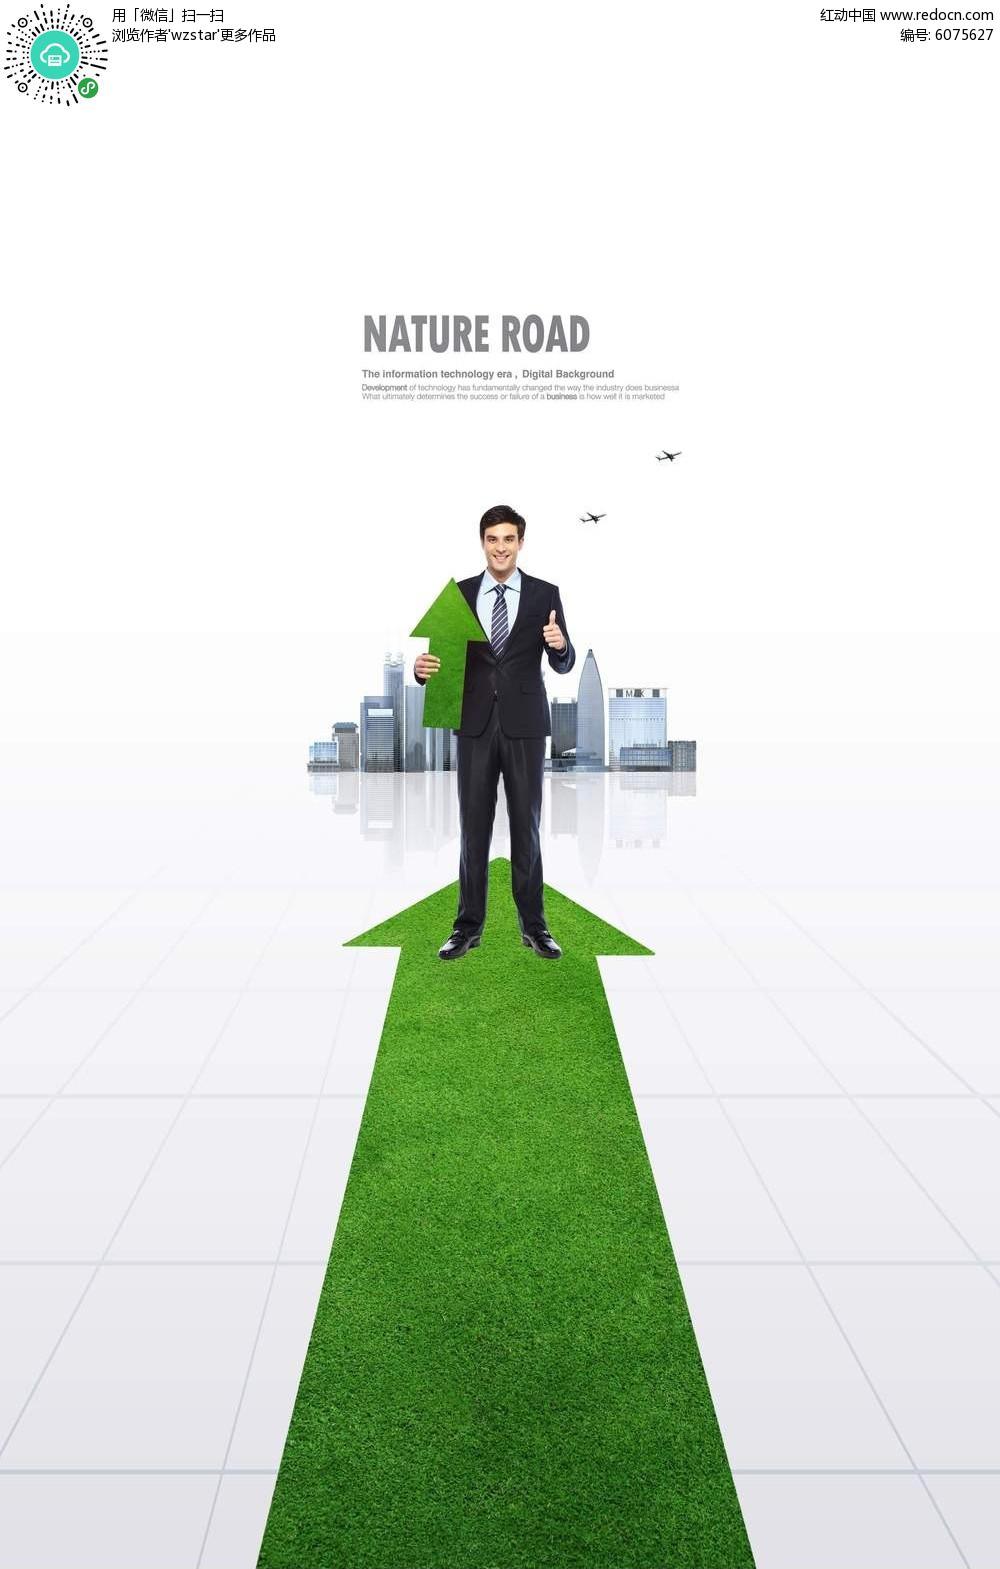 免费素材 psd素材 psd广告设计模板 其他 绿色箭头商务海报背景素材